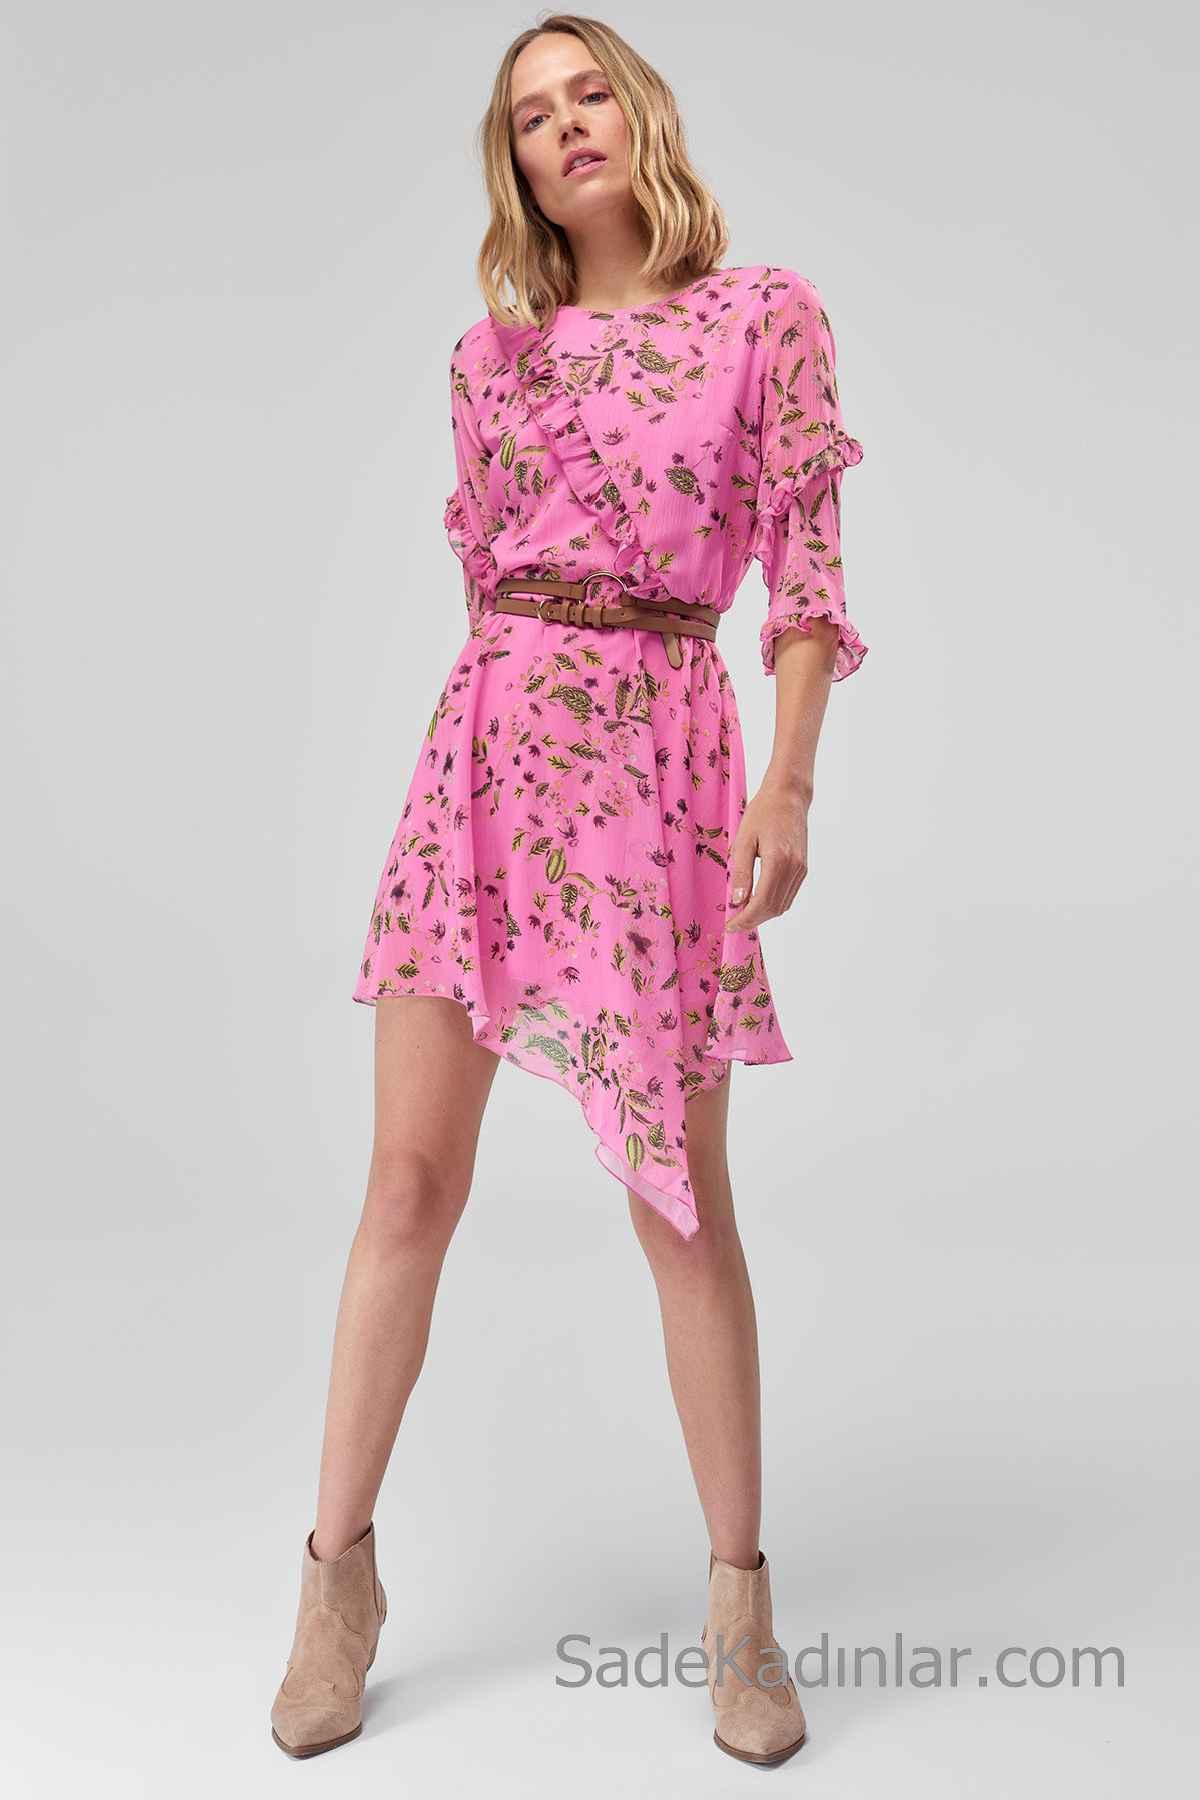 Moda Günlük Orta Yaş Elbise Modelleri